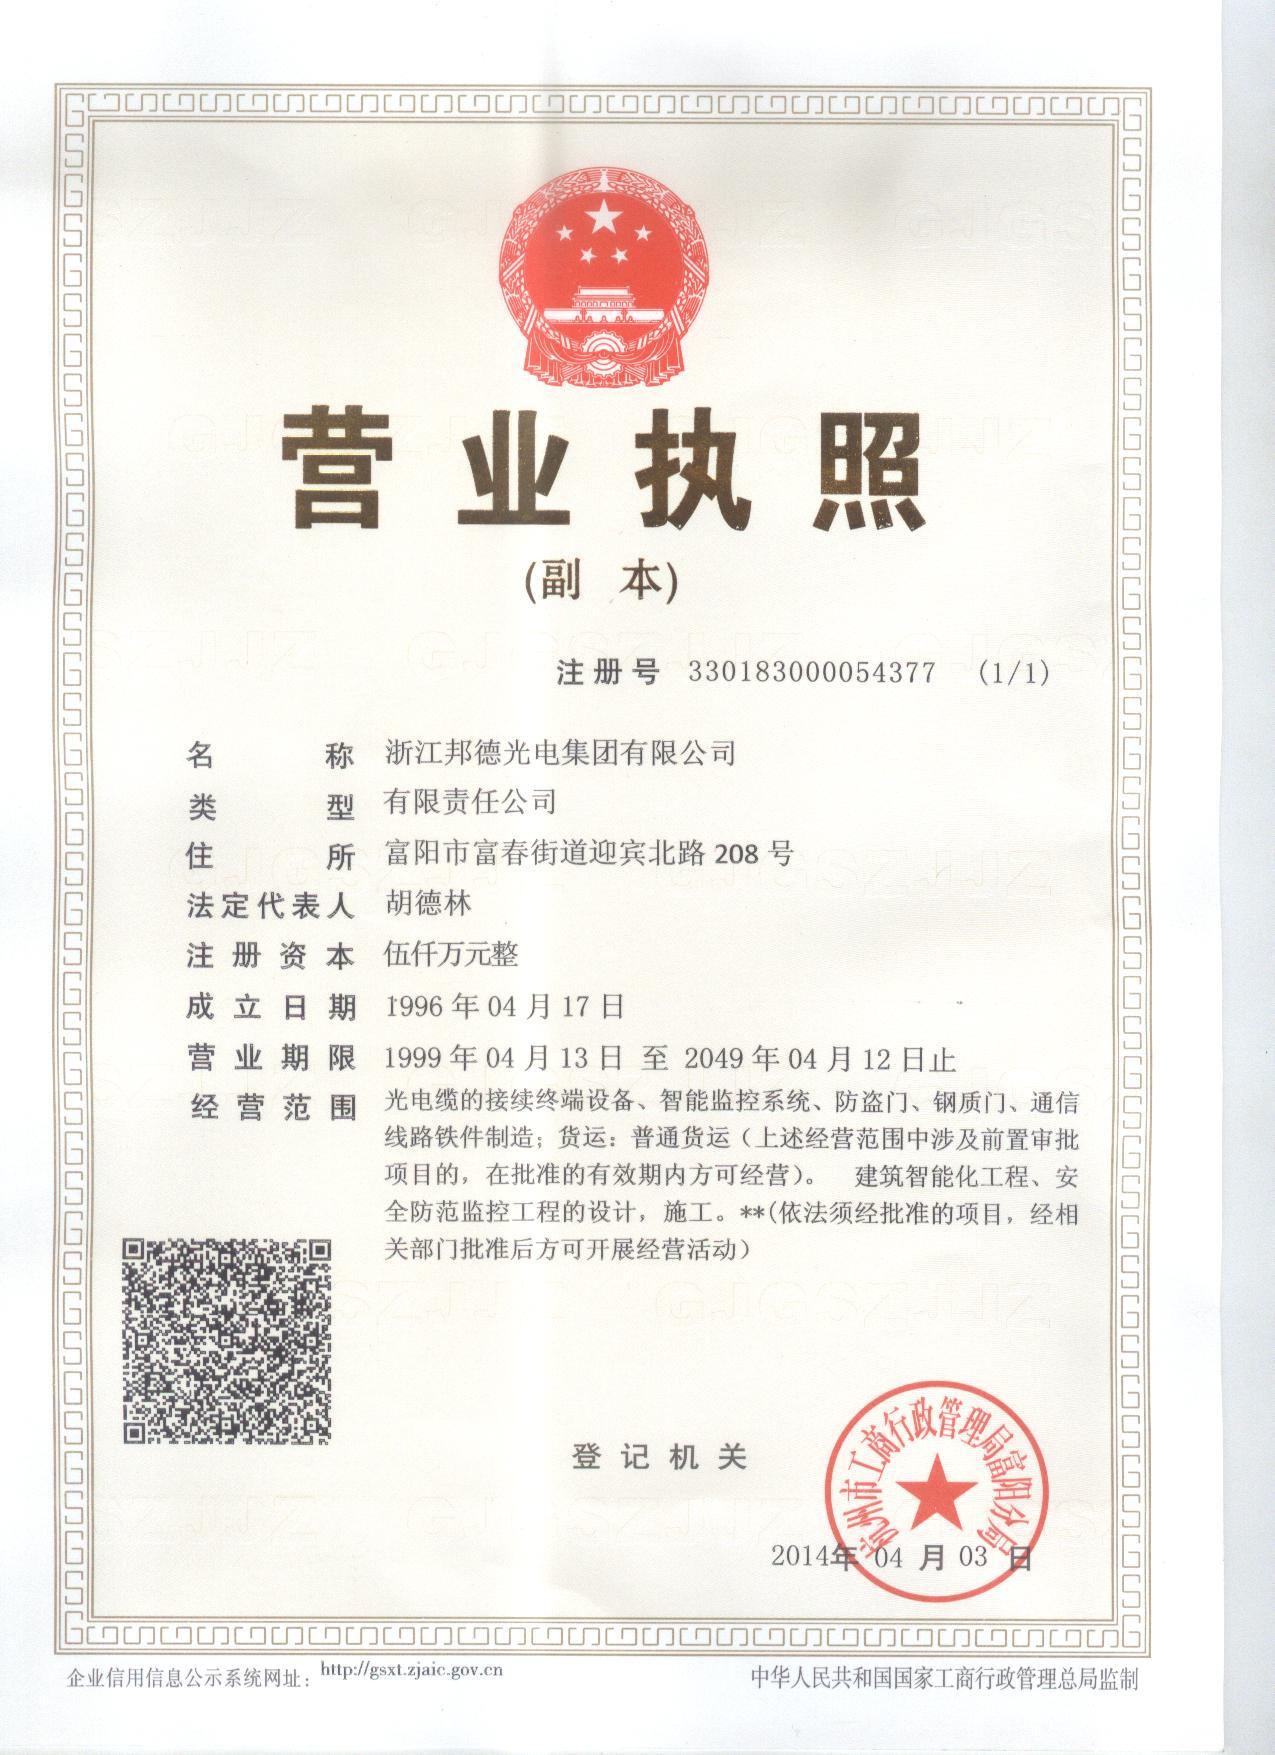 浙江省著名商标�y.i_邦德集团-邦德集团